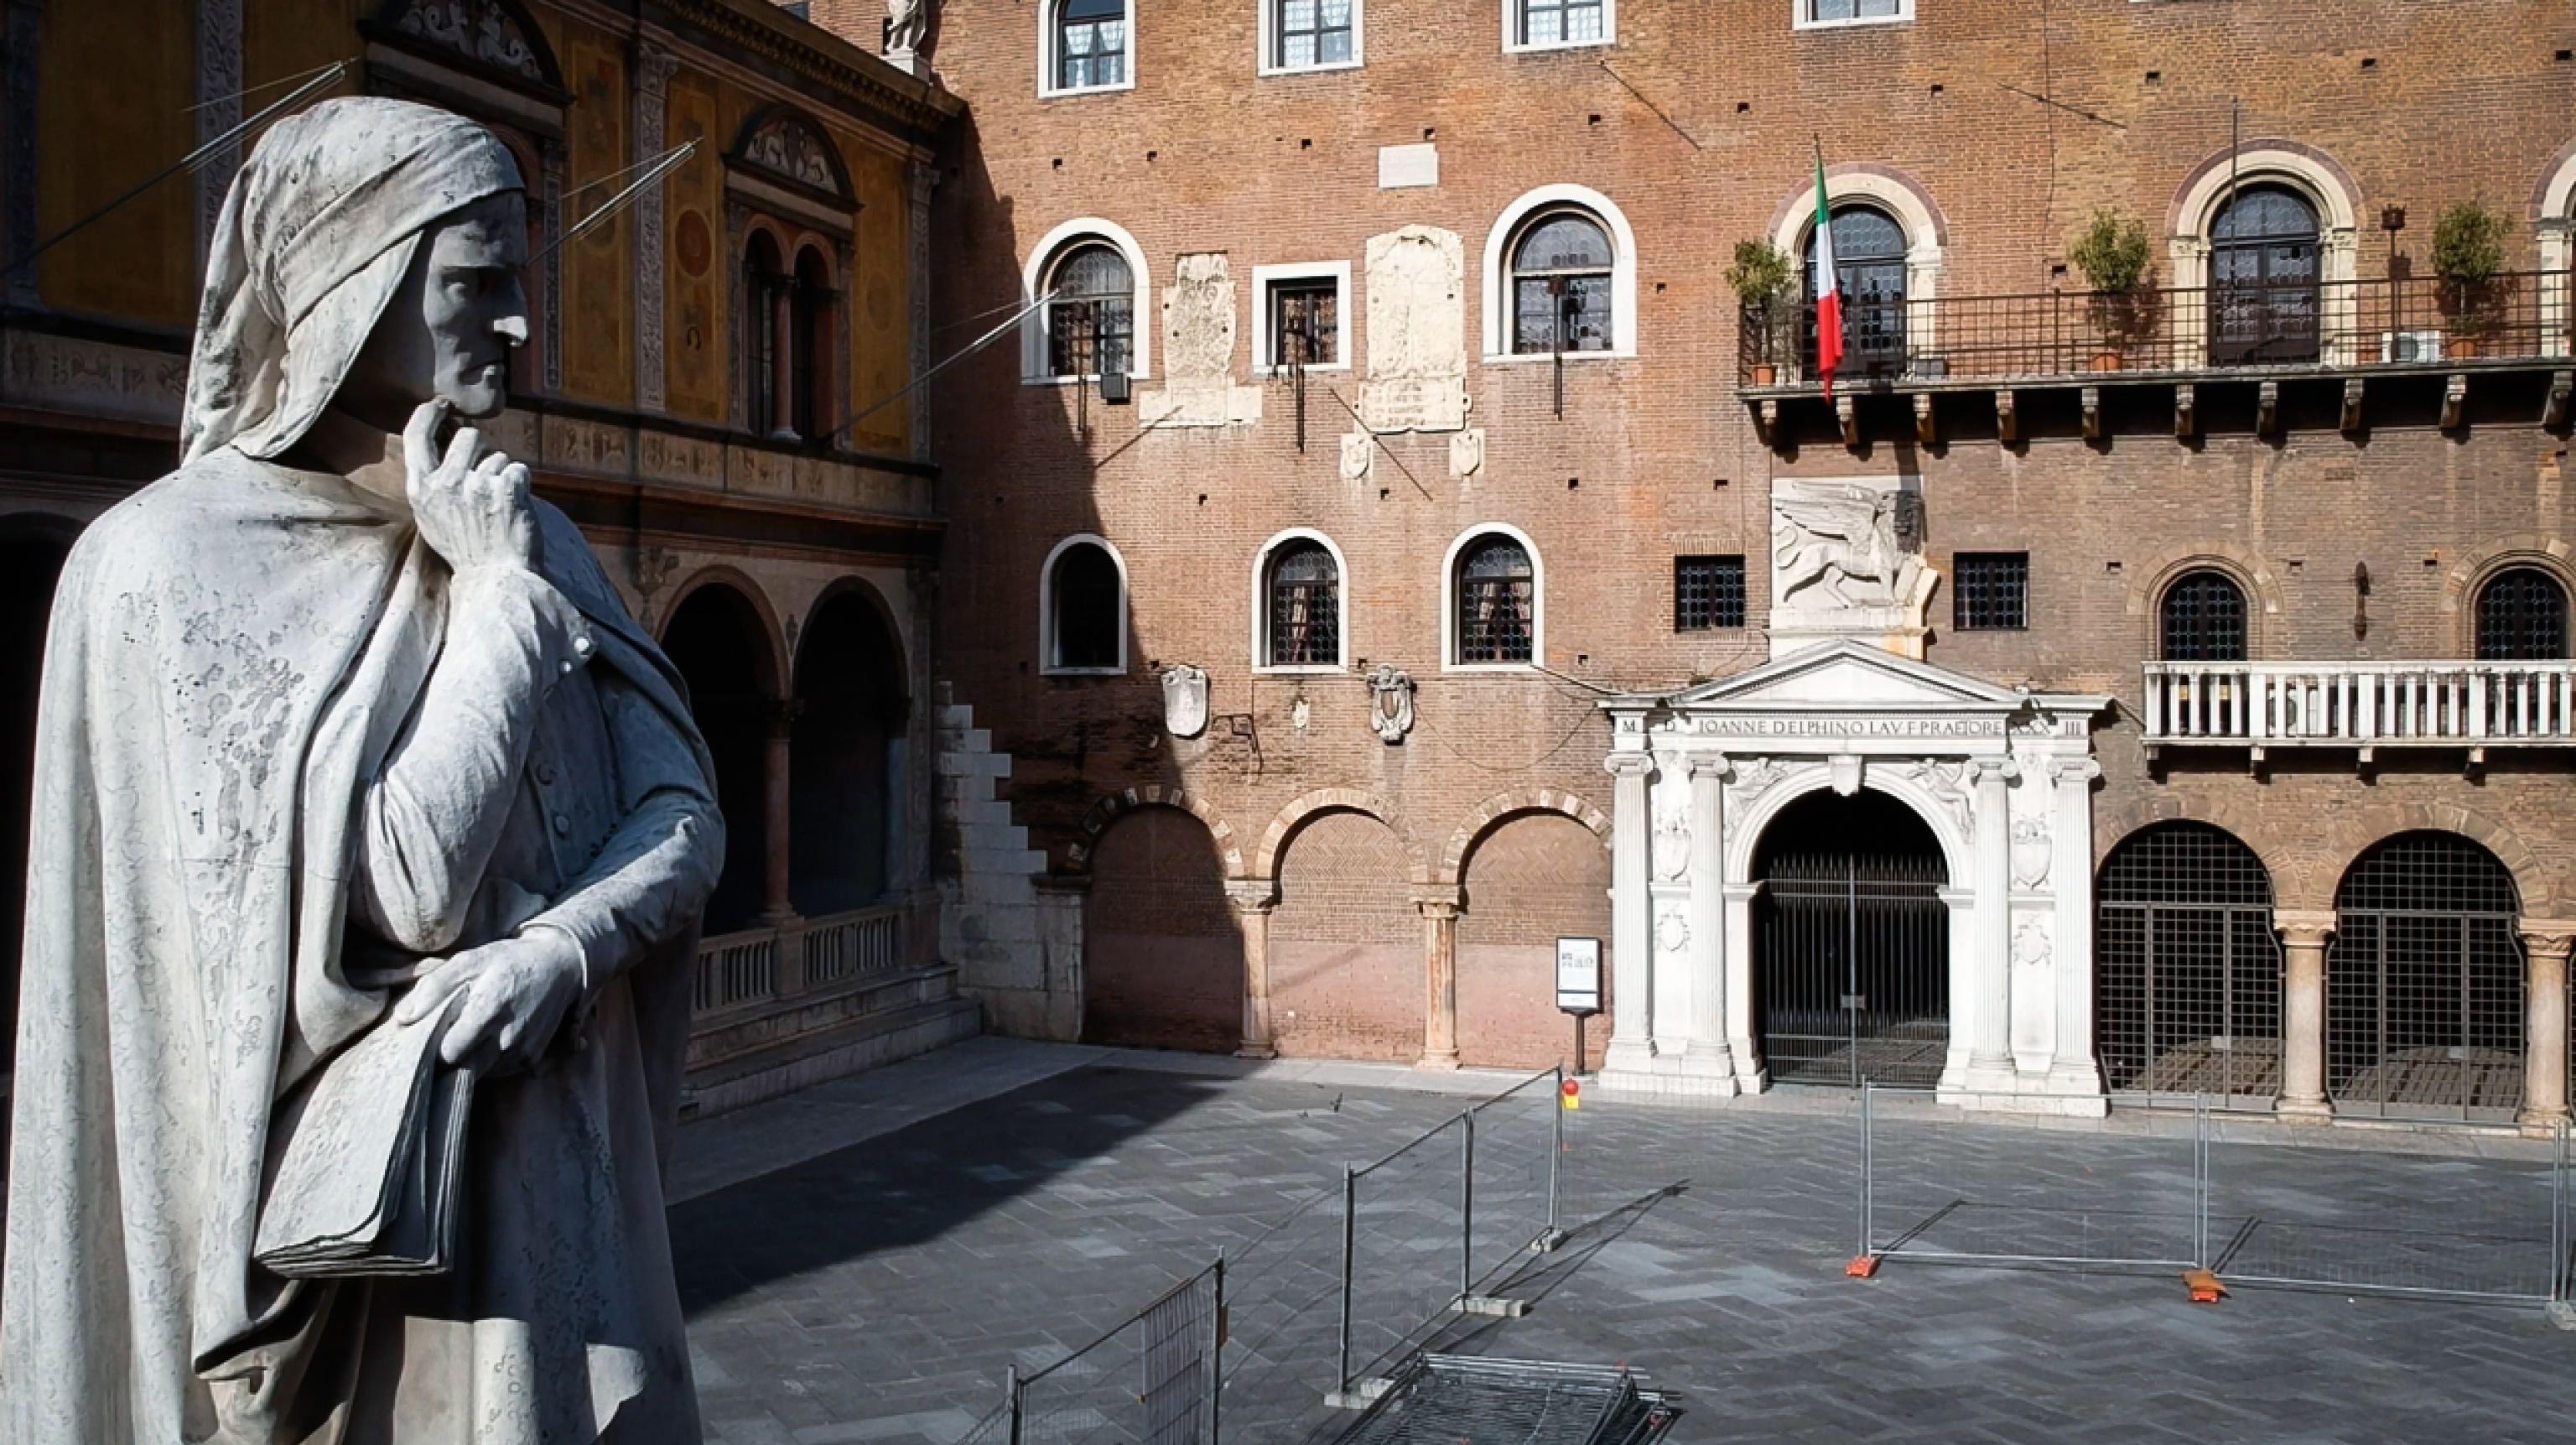 Estatuta del poteta Dante en la Verona, Italia, en una fotografía de archivo. EFE/EPA/FILIPPO VENEZIA